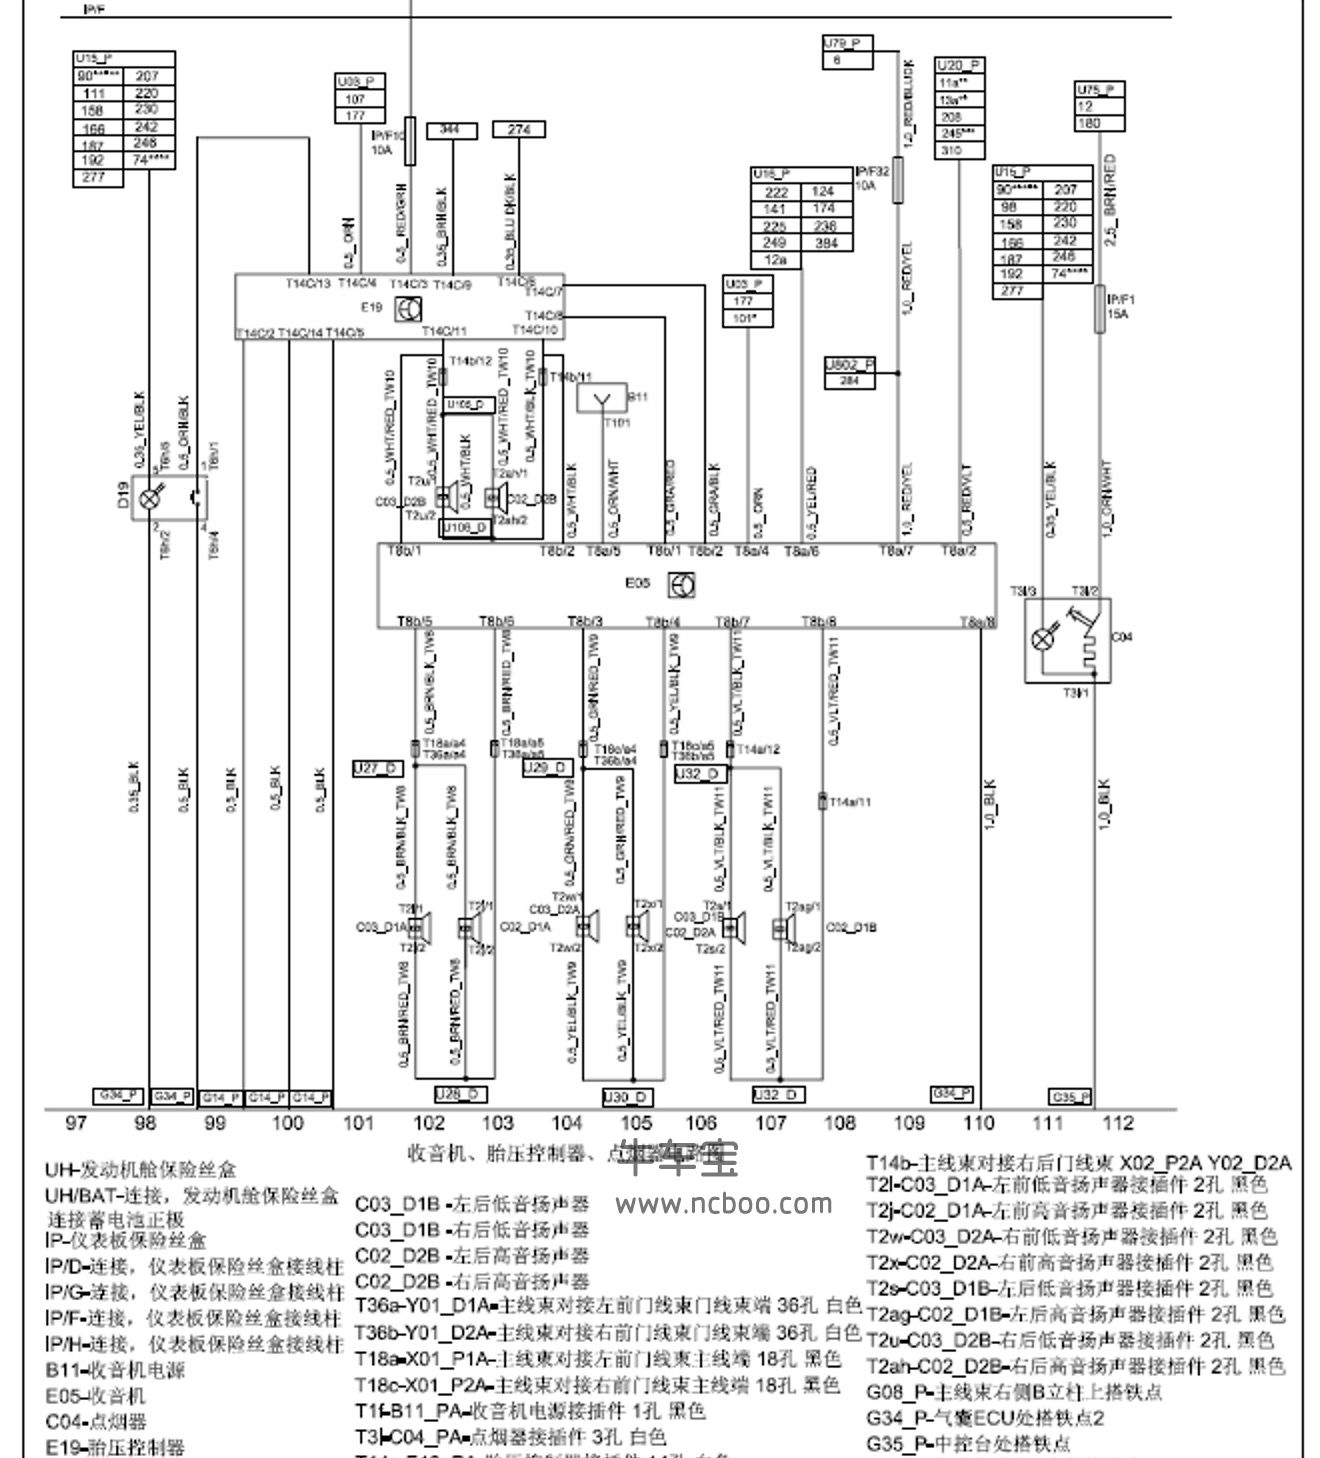 2013-2014款华晨中华H530原厂电路图资料下载